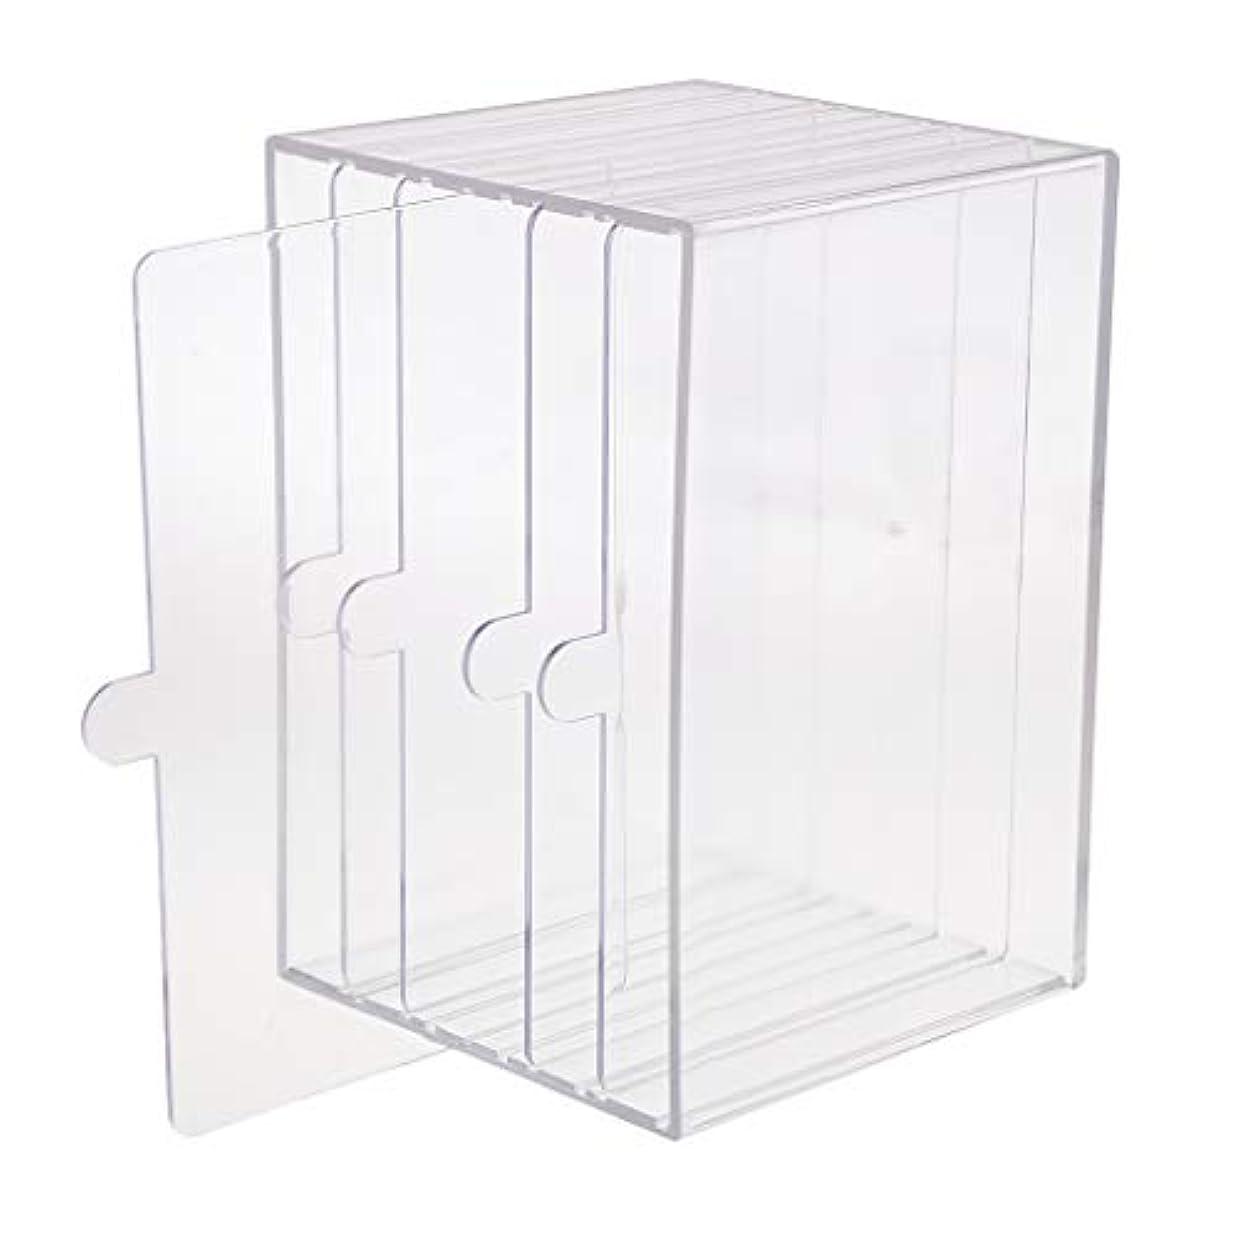 取り組む粘土壮大chiwanji ネイルチップ ディスプレイ 収納ボックス 小物入り 収納容器 ディスプレイケース